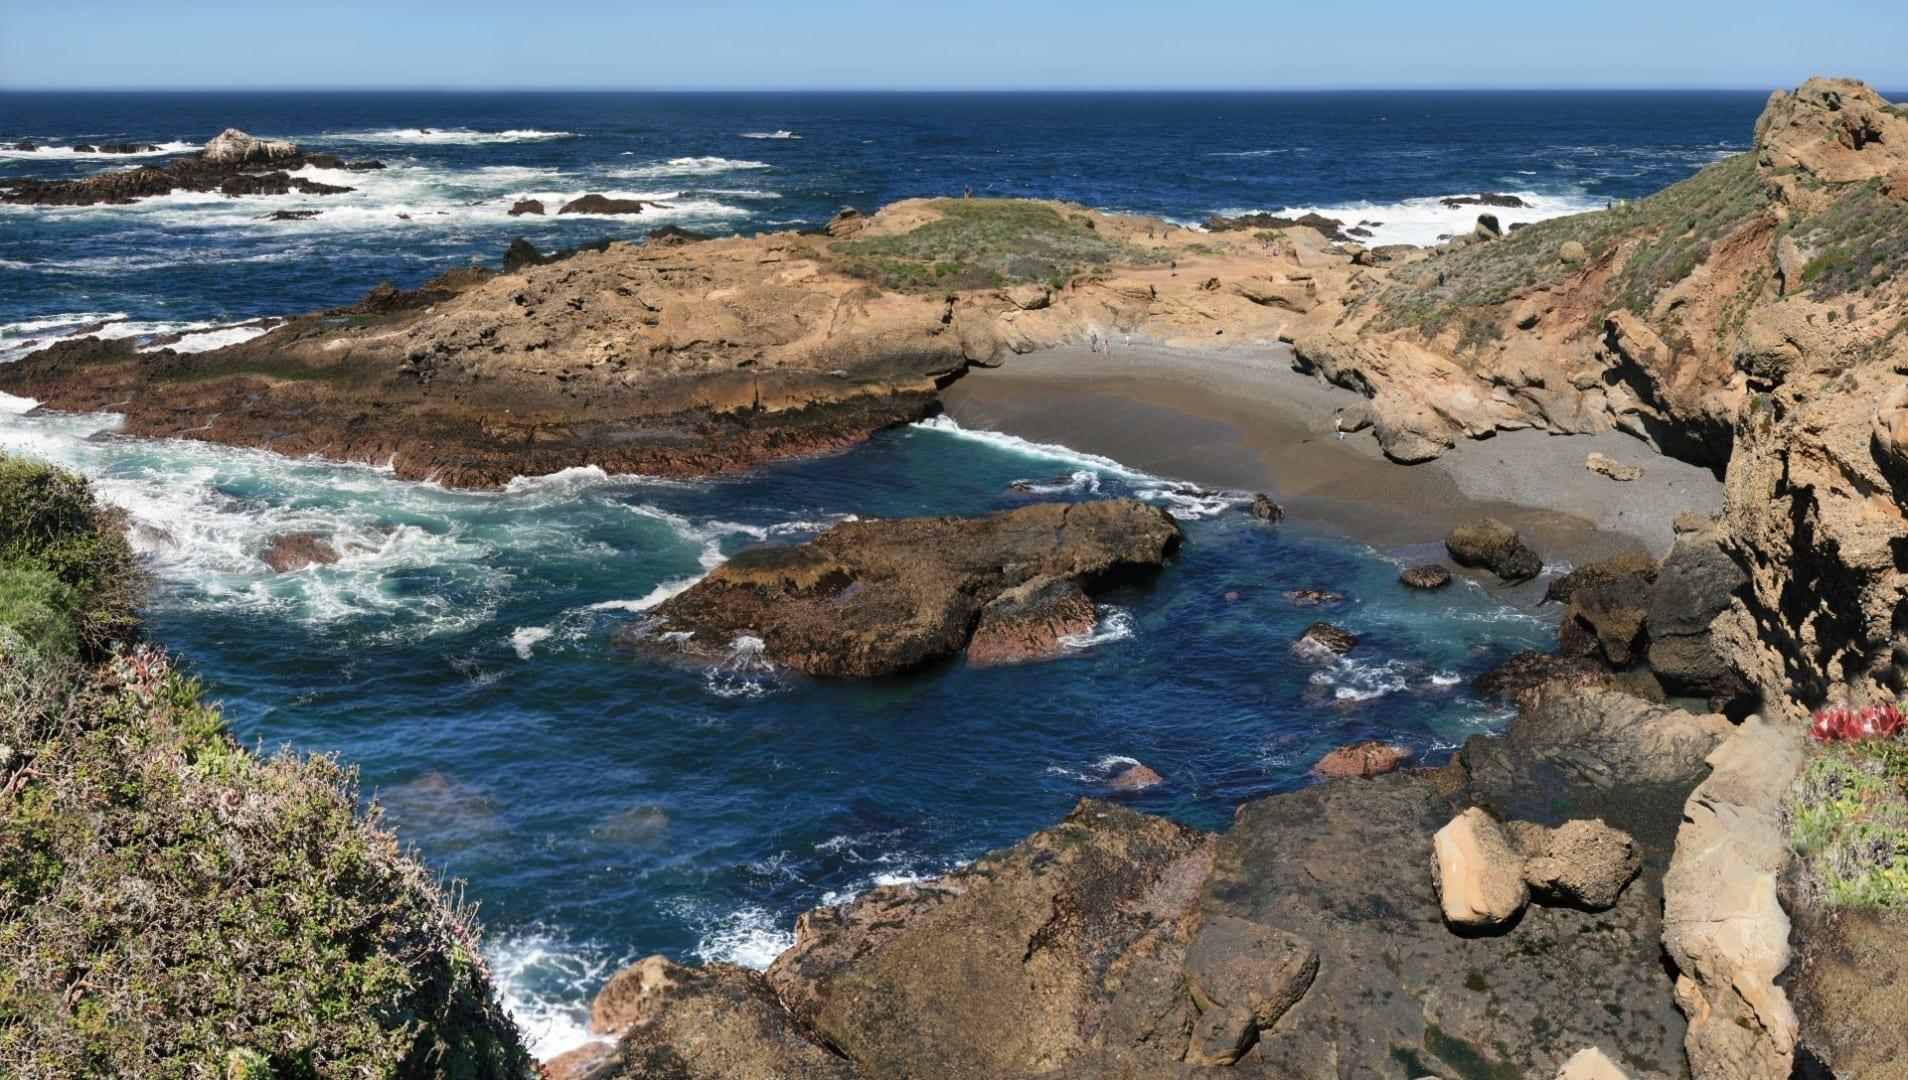 Parque Estatal Point Lobos Carmel-by-the-Sea Estados Unidos